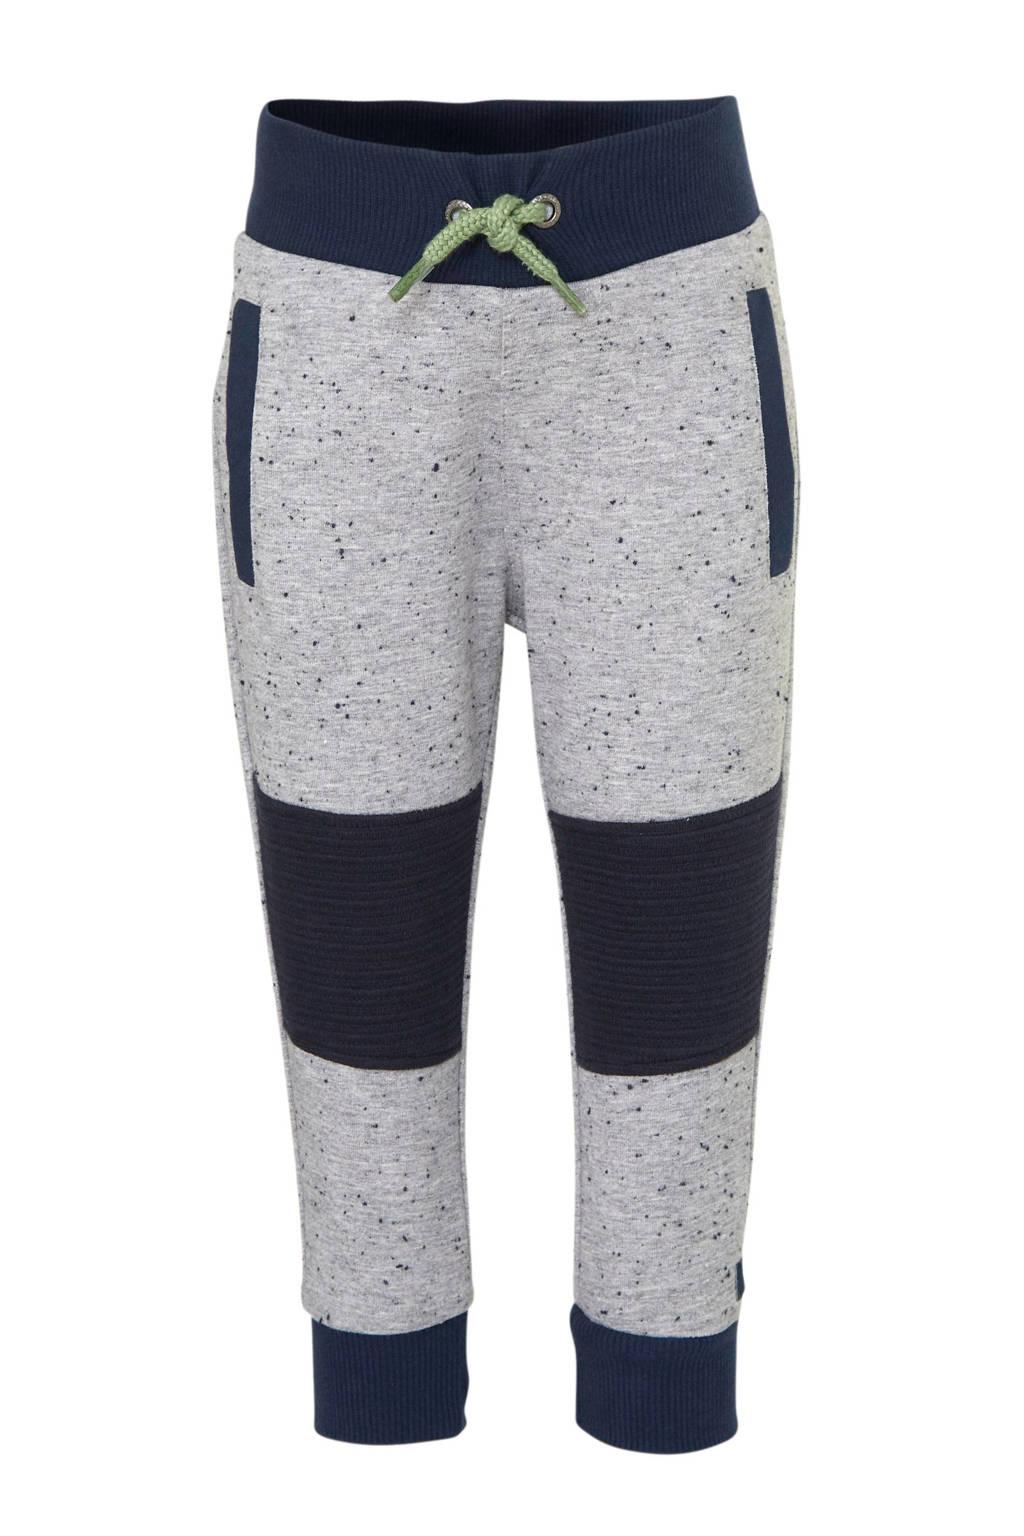 Koko Noko broek met textuur grijs melange/donkerblauw/groen, Grijs melange/donkerblauw/groen